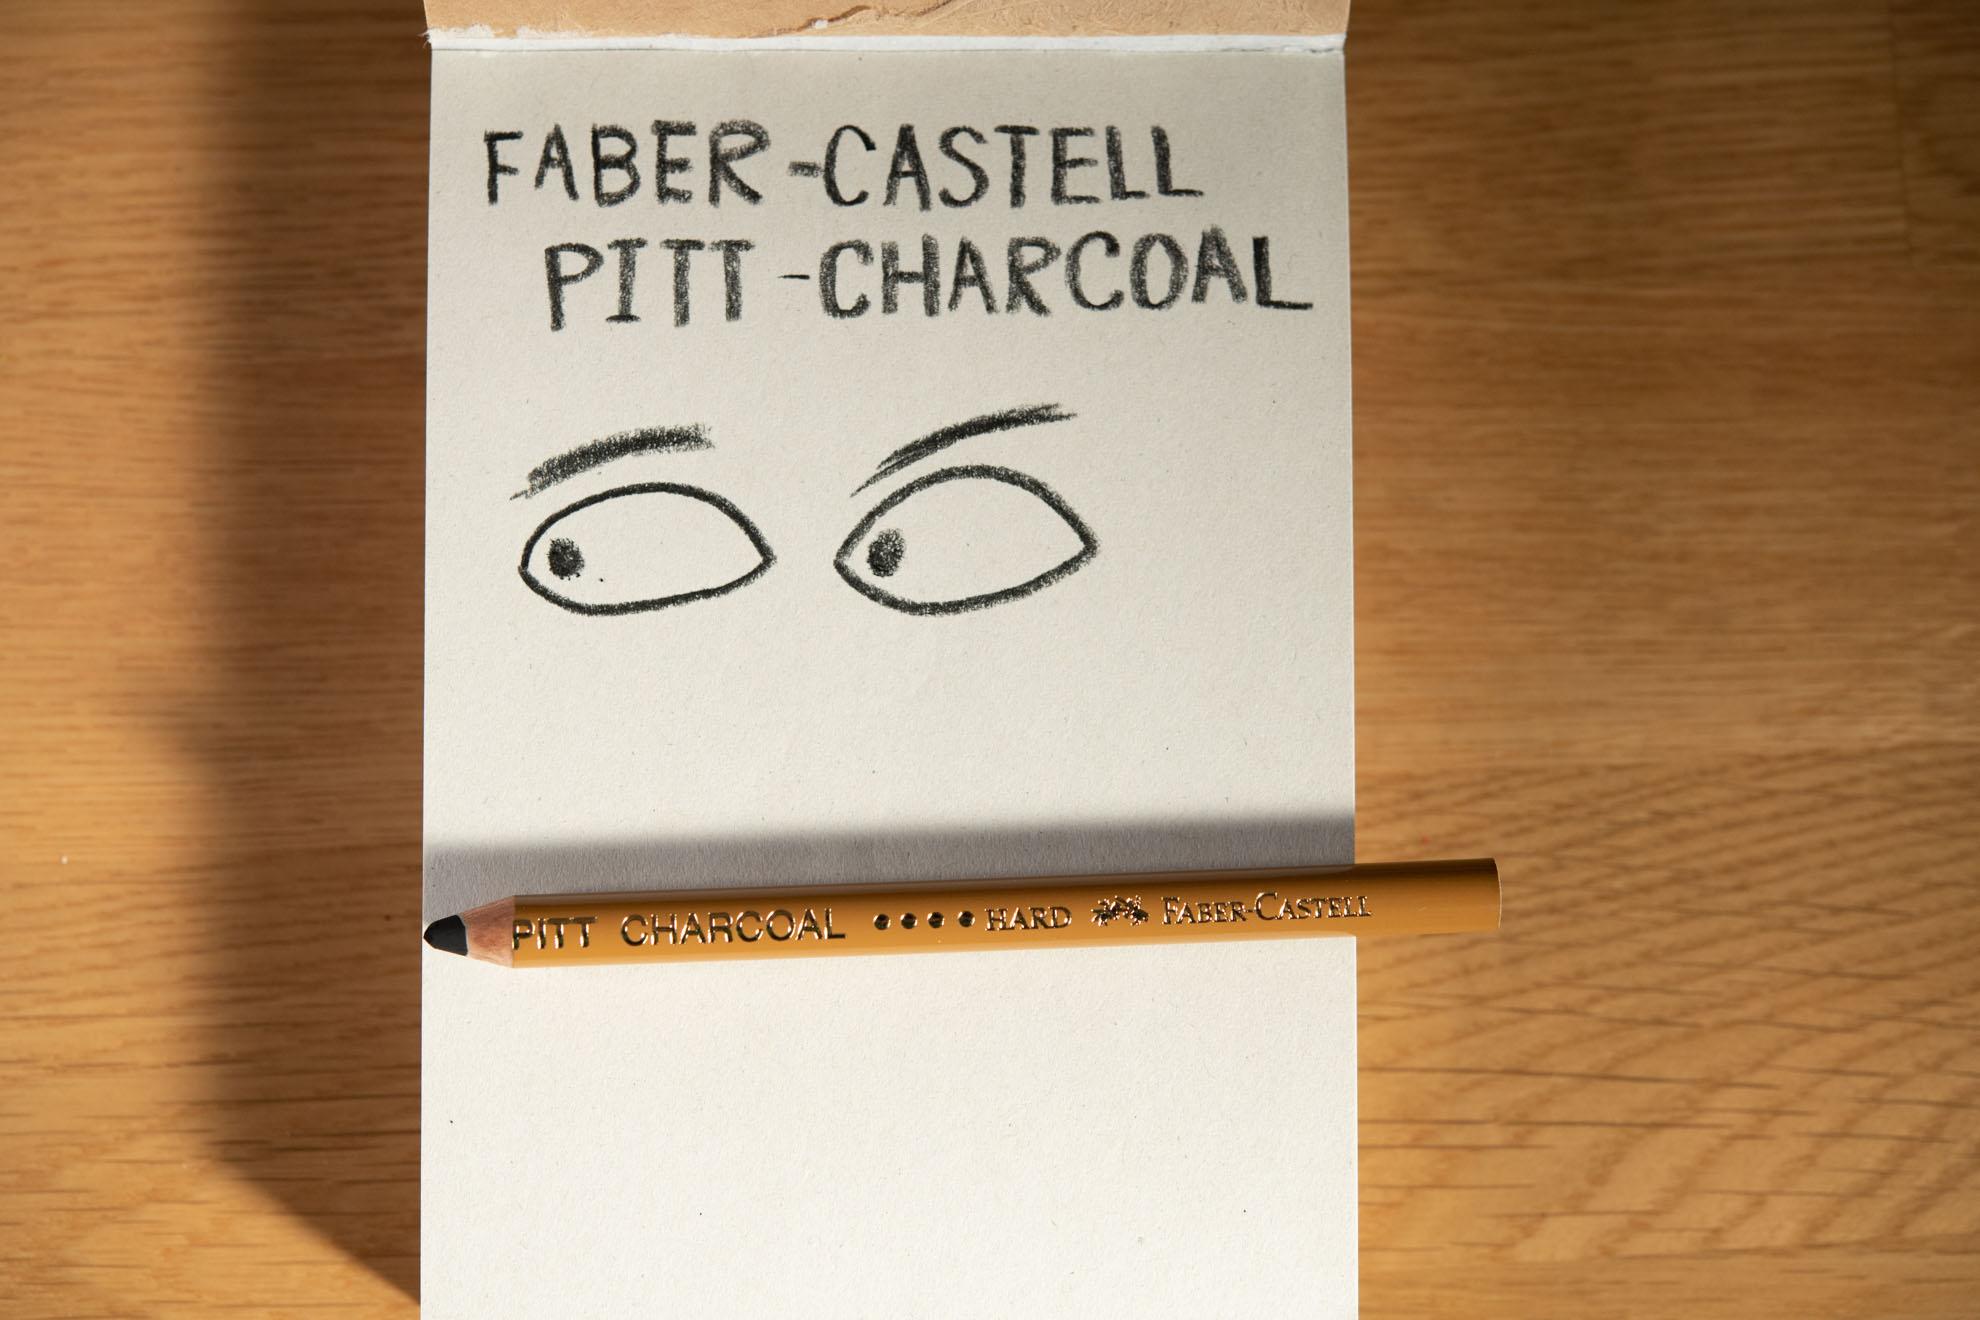 PITTチャコール(ハード)Faber-Castellファーバーカステル